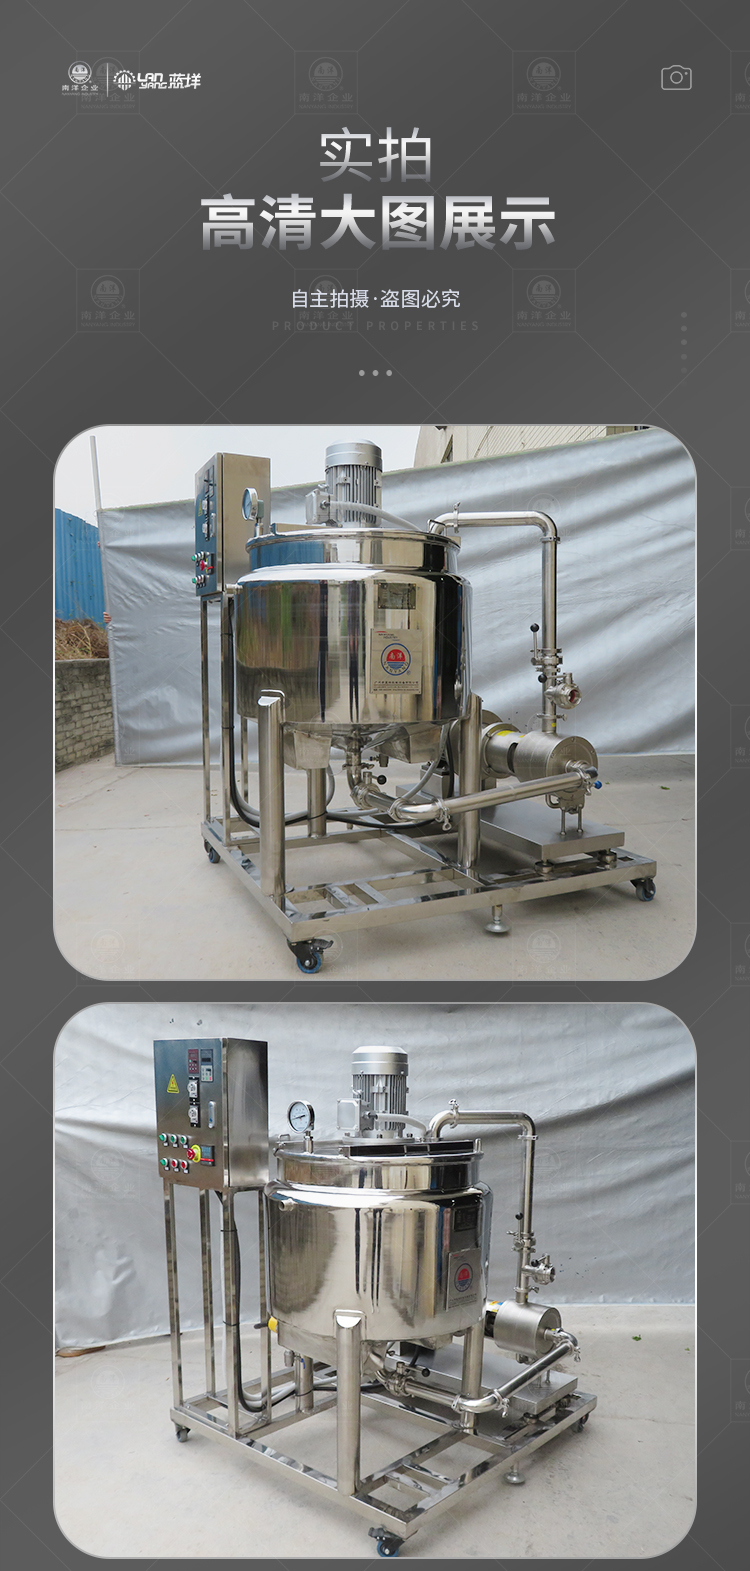 南洋搅拌桶-电加热带输送泵_12.jpg